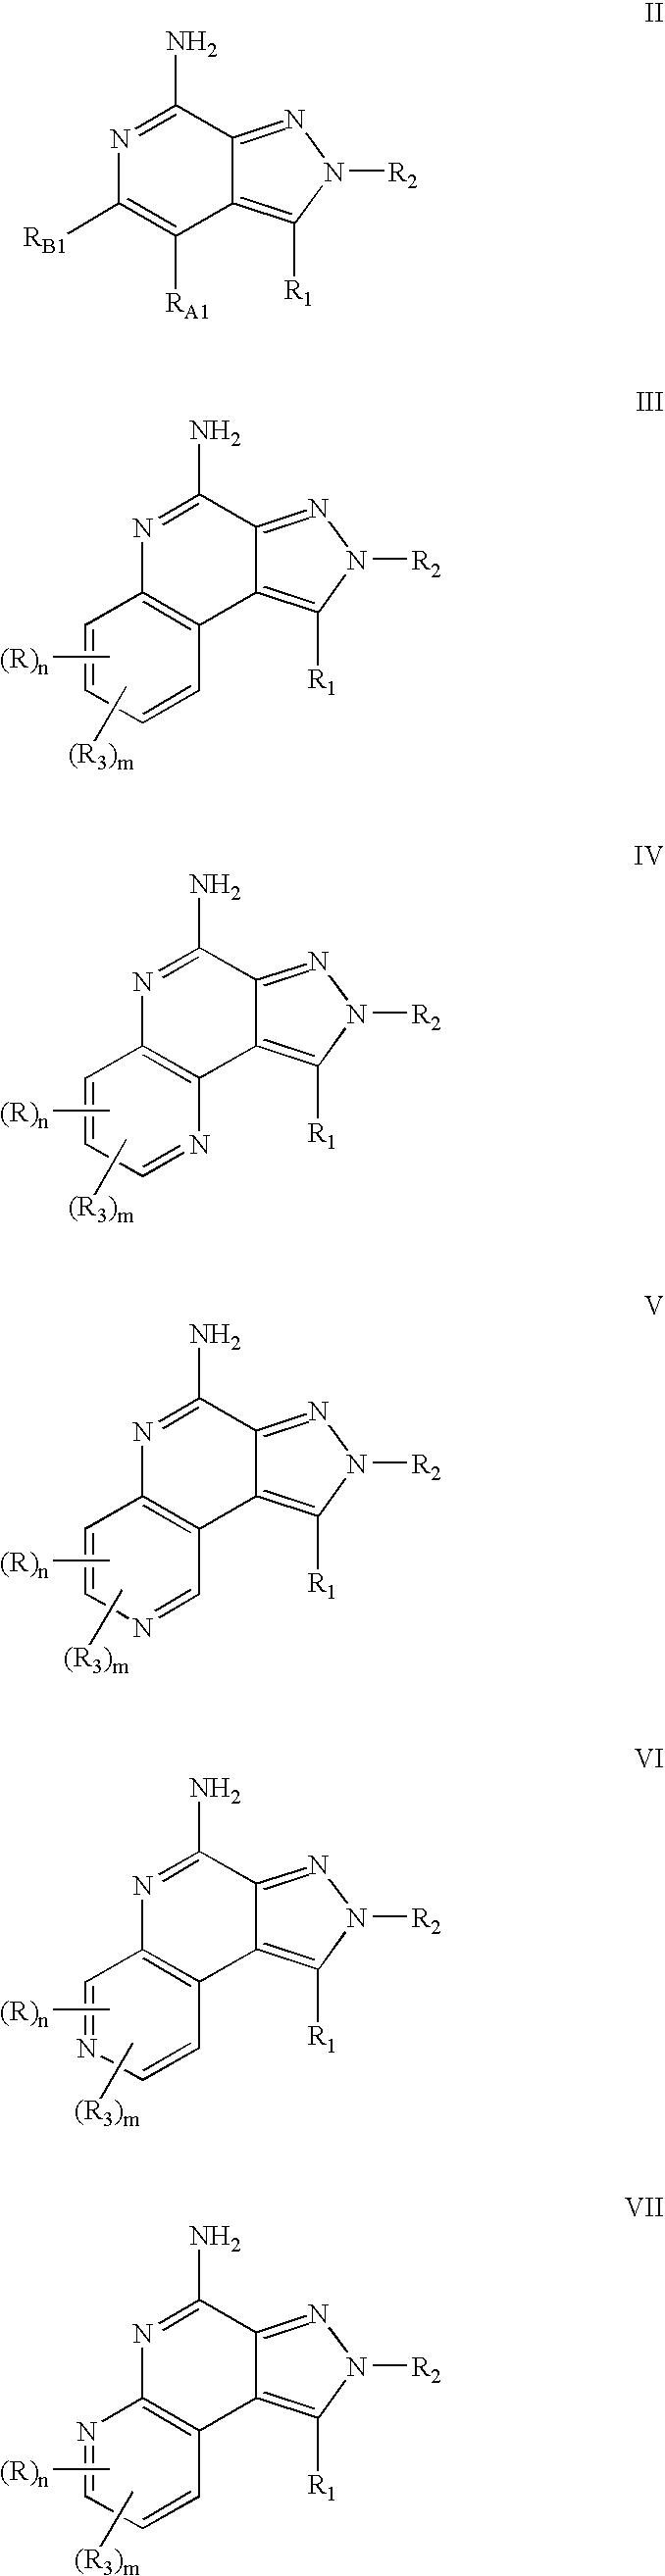 Figure US07544697-20090609-C00002